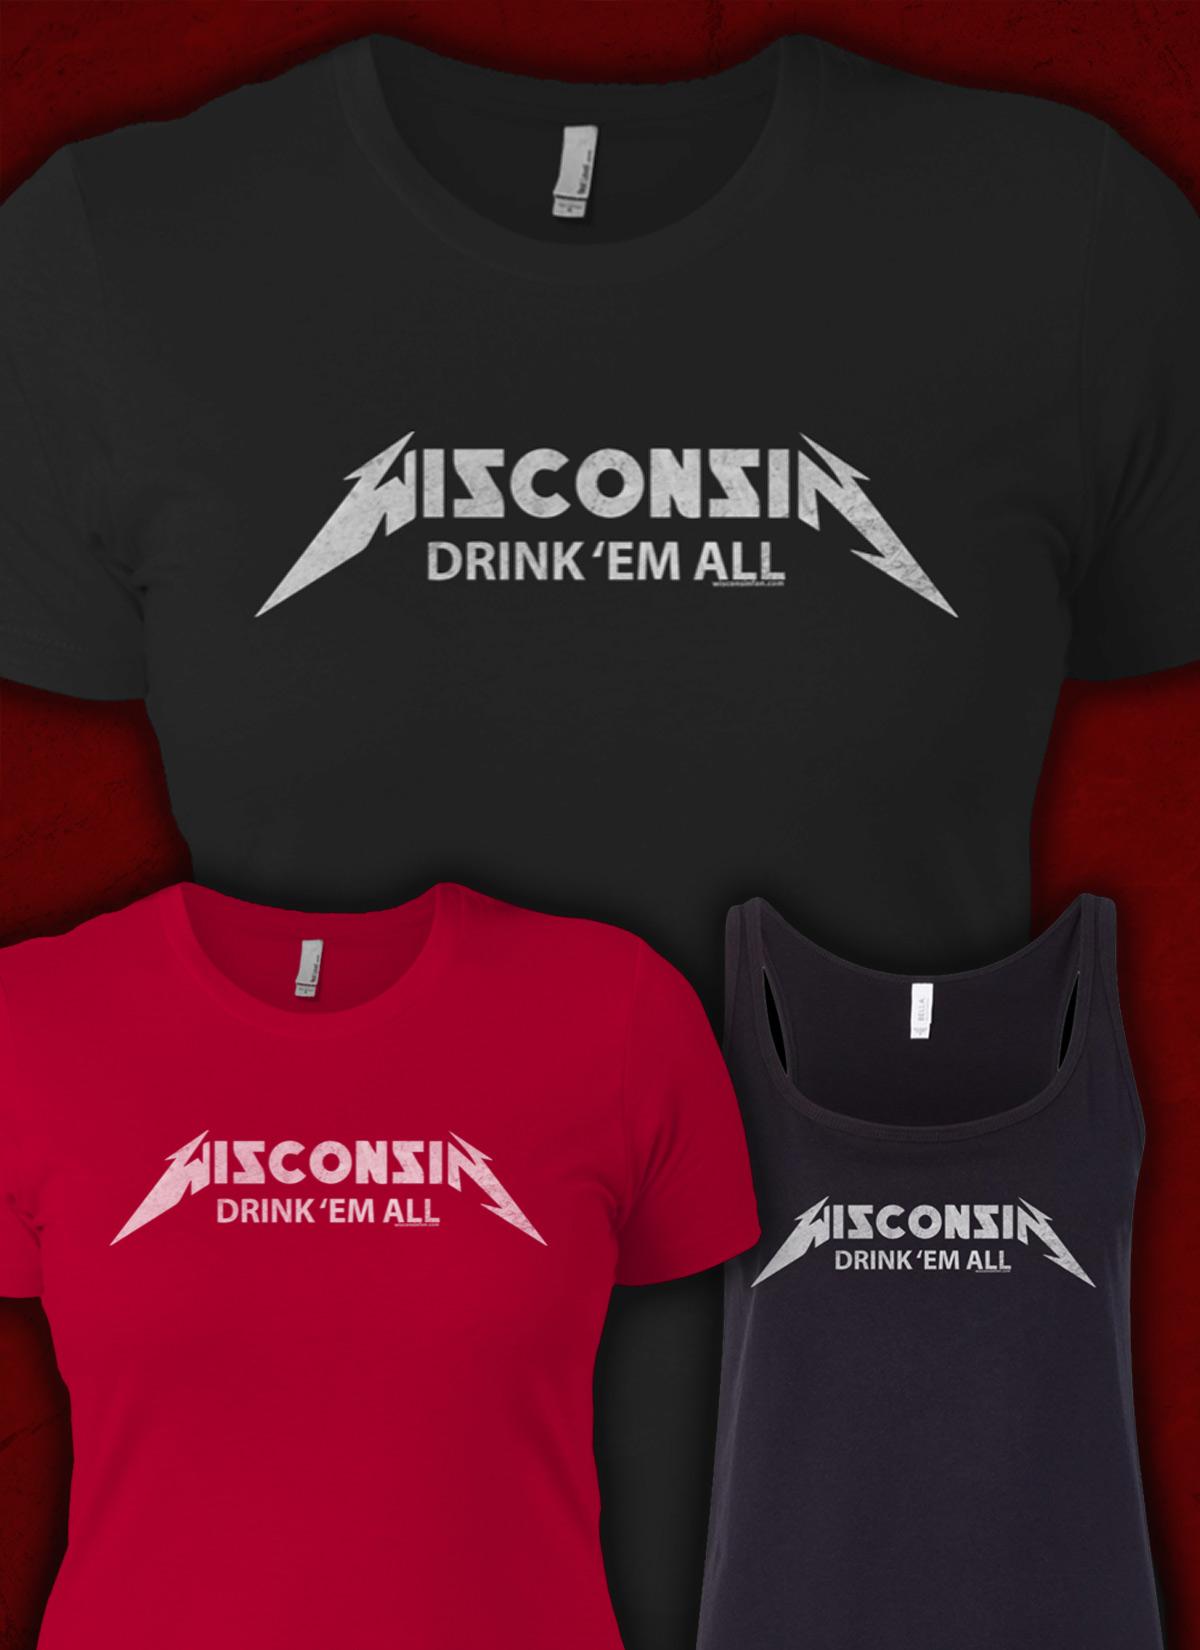 wisconsin-drink-em-all-womens-tshirt